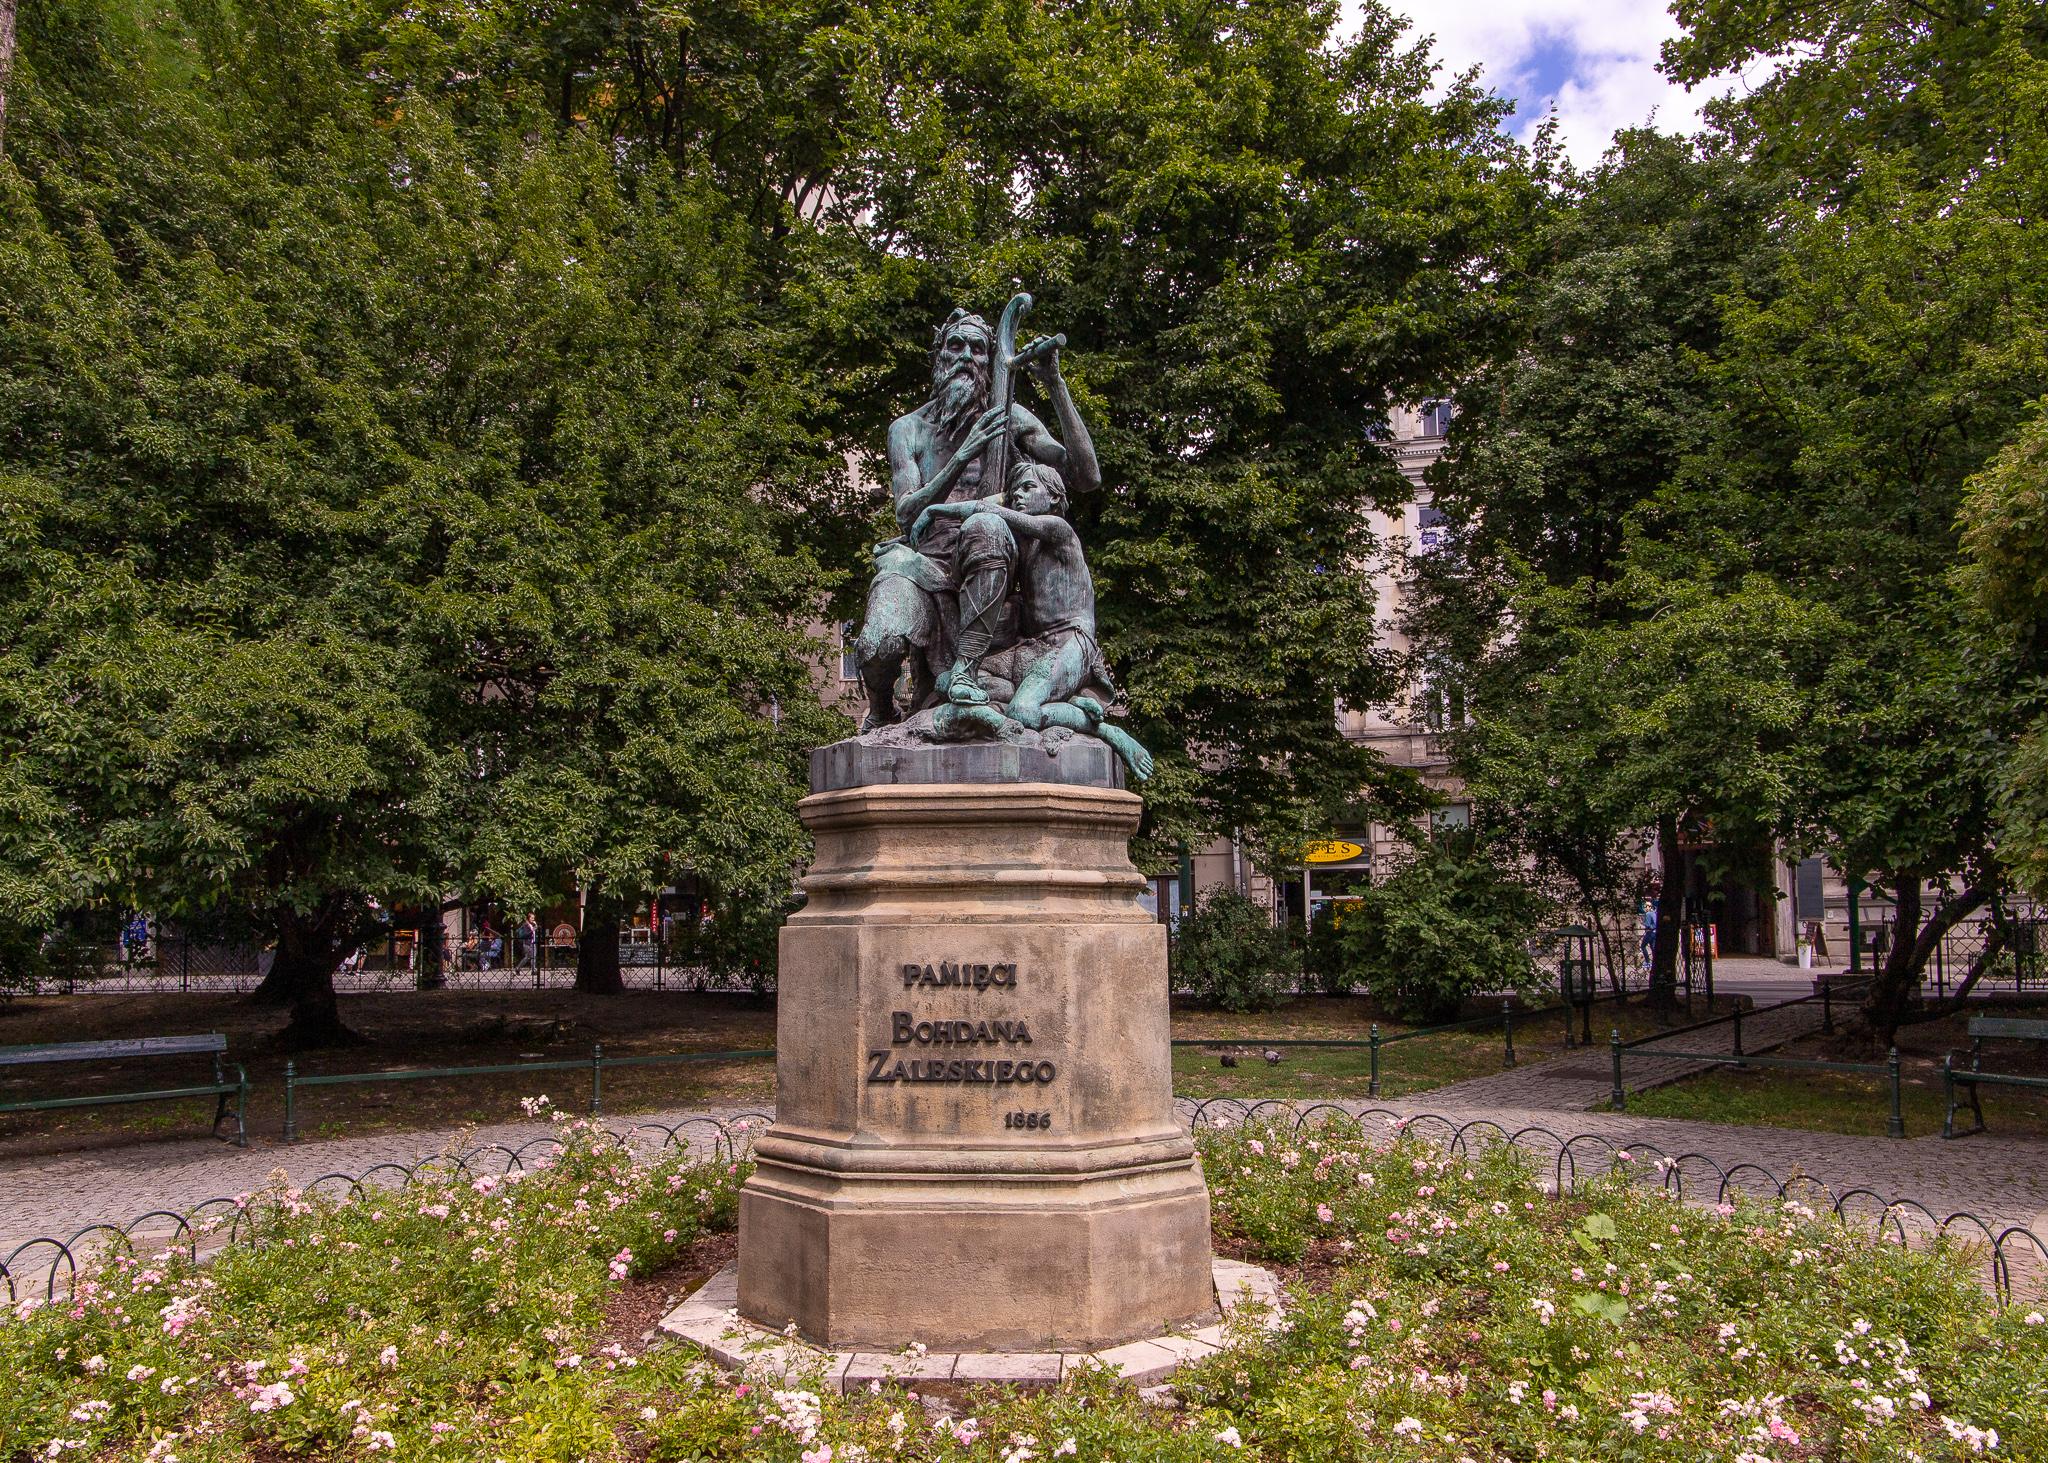 The Harper's Monument in memory of Bohdan Zaleski.